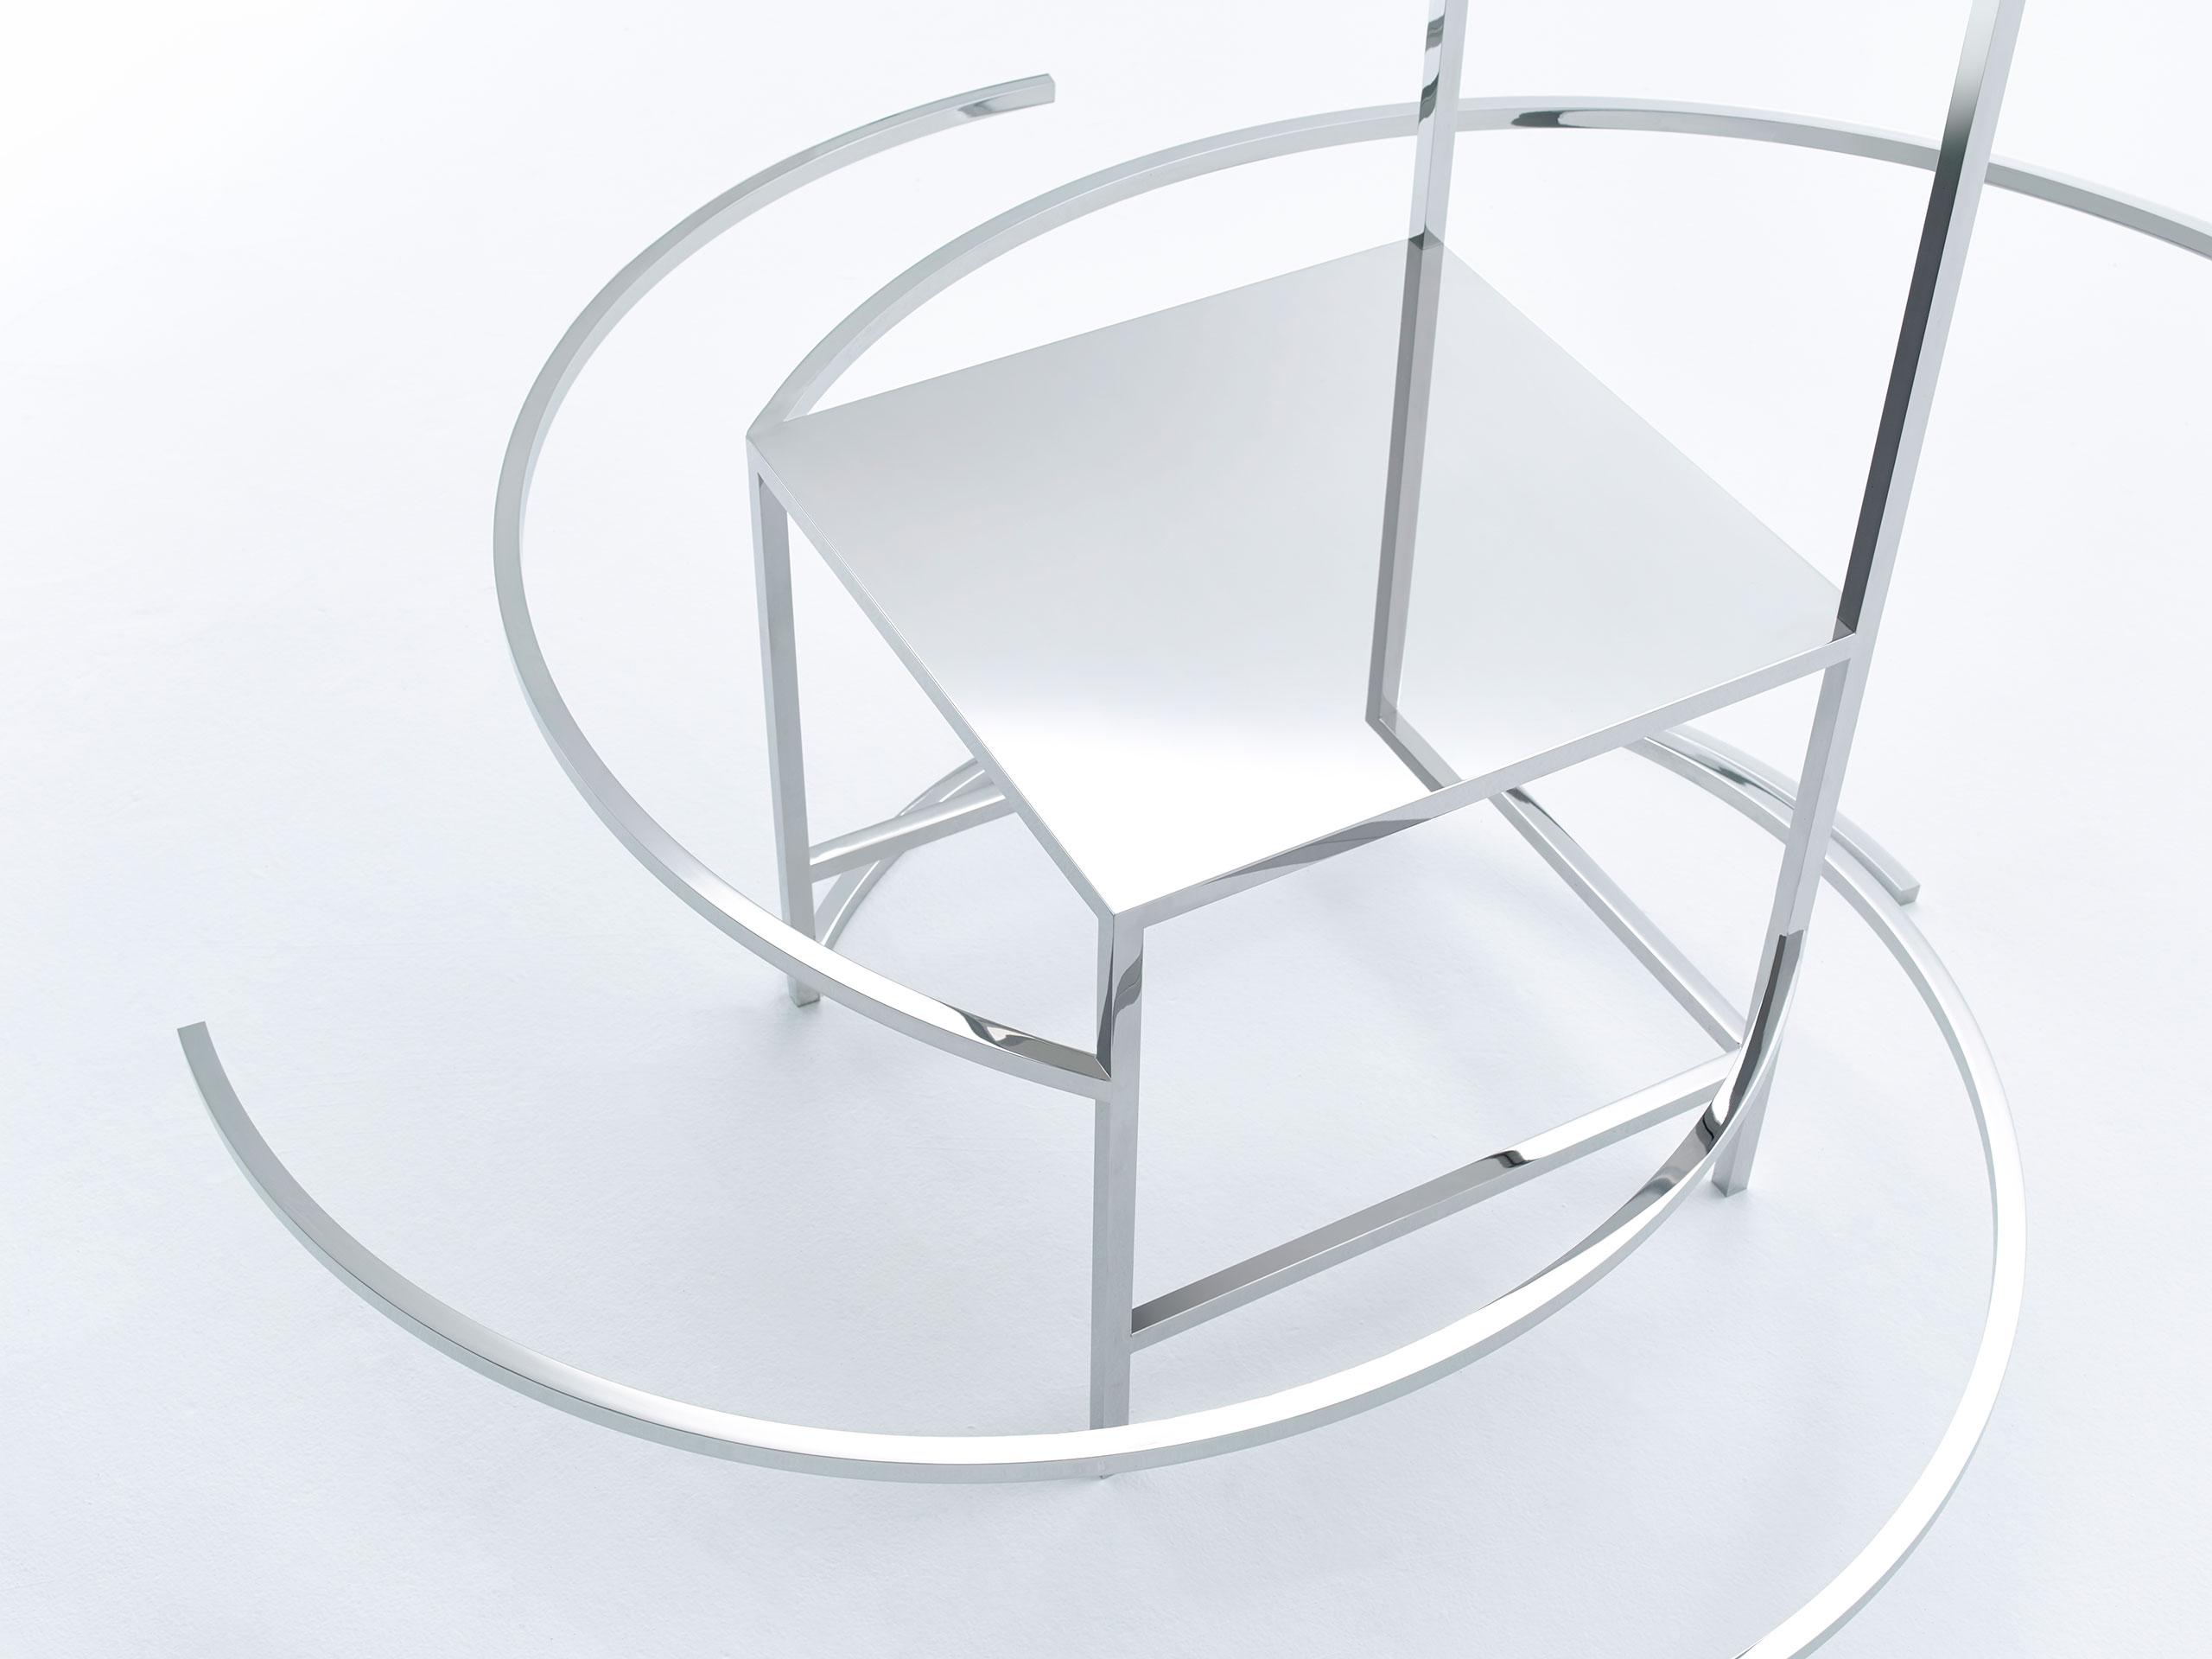 p6_50_manga_chairs_nendo_for_friedman_benda_photo_kenichi_sonehara_yatzer